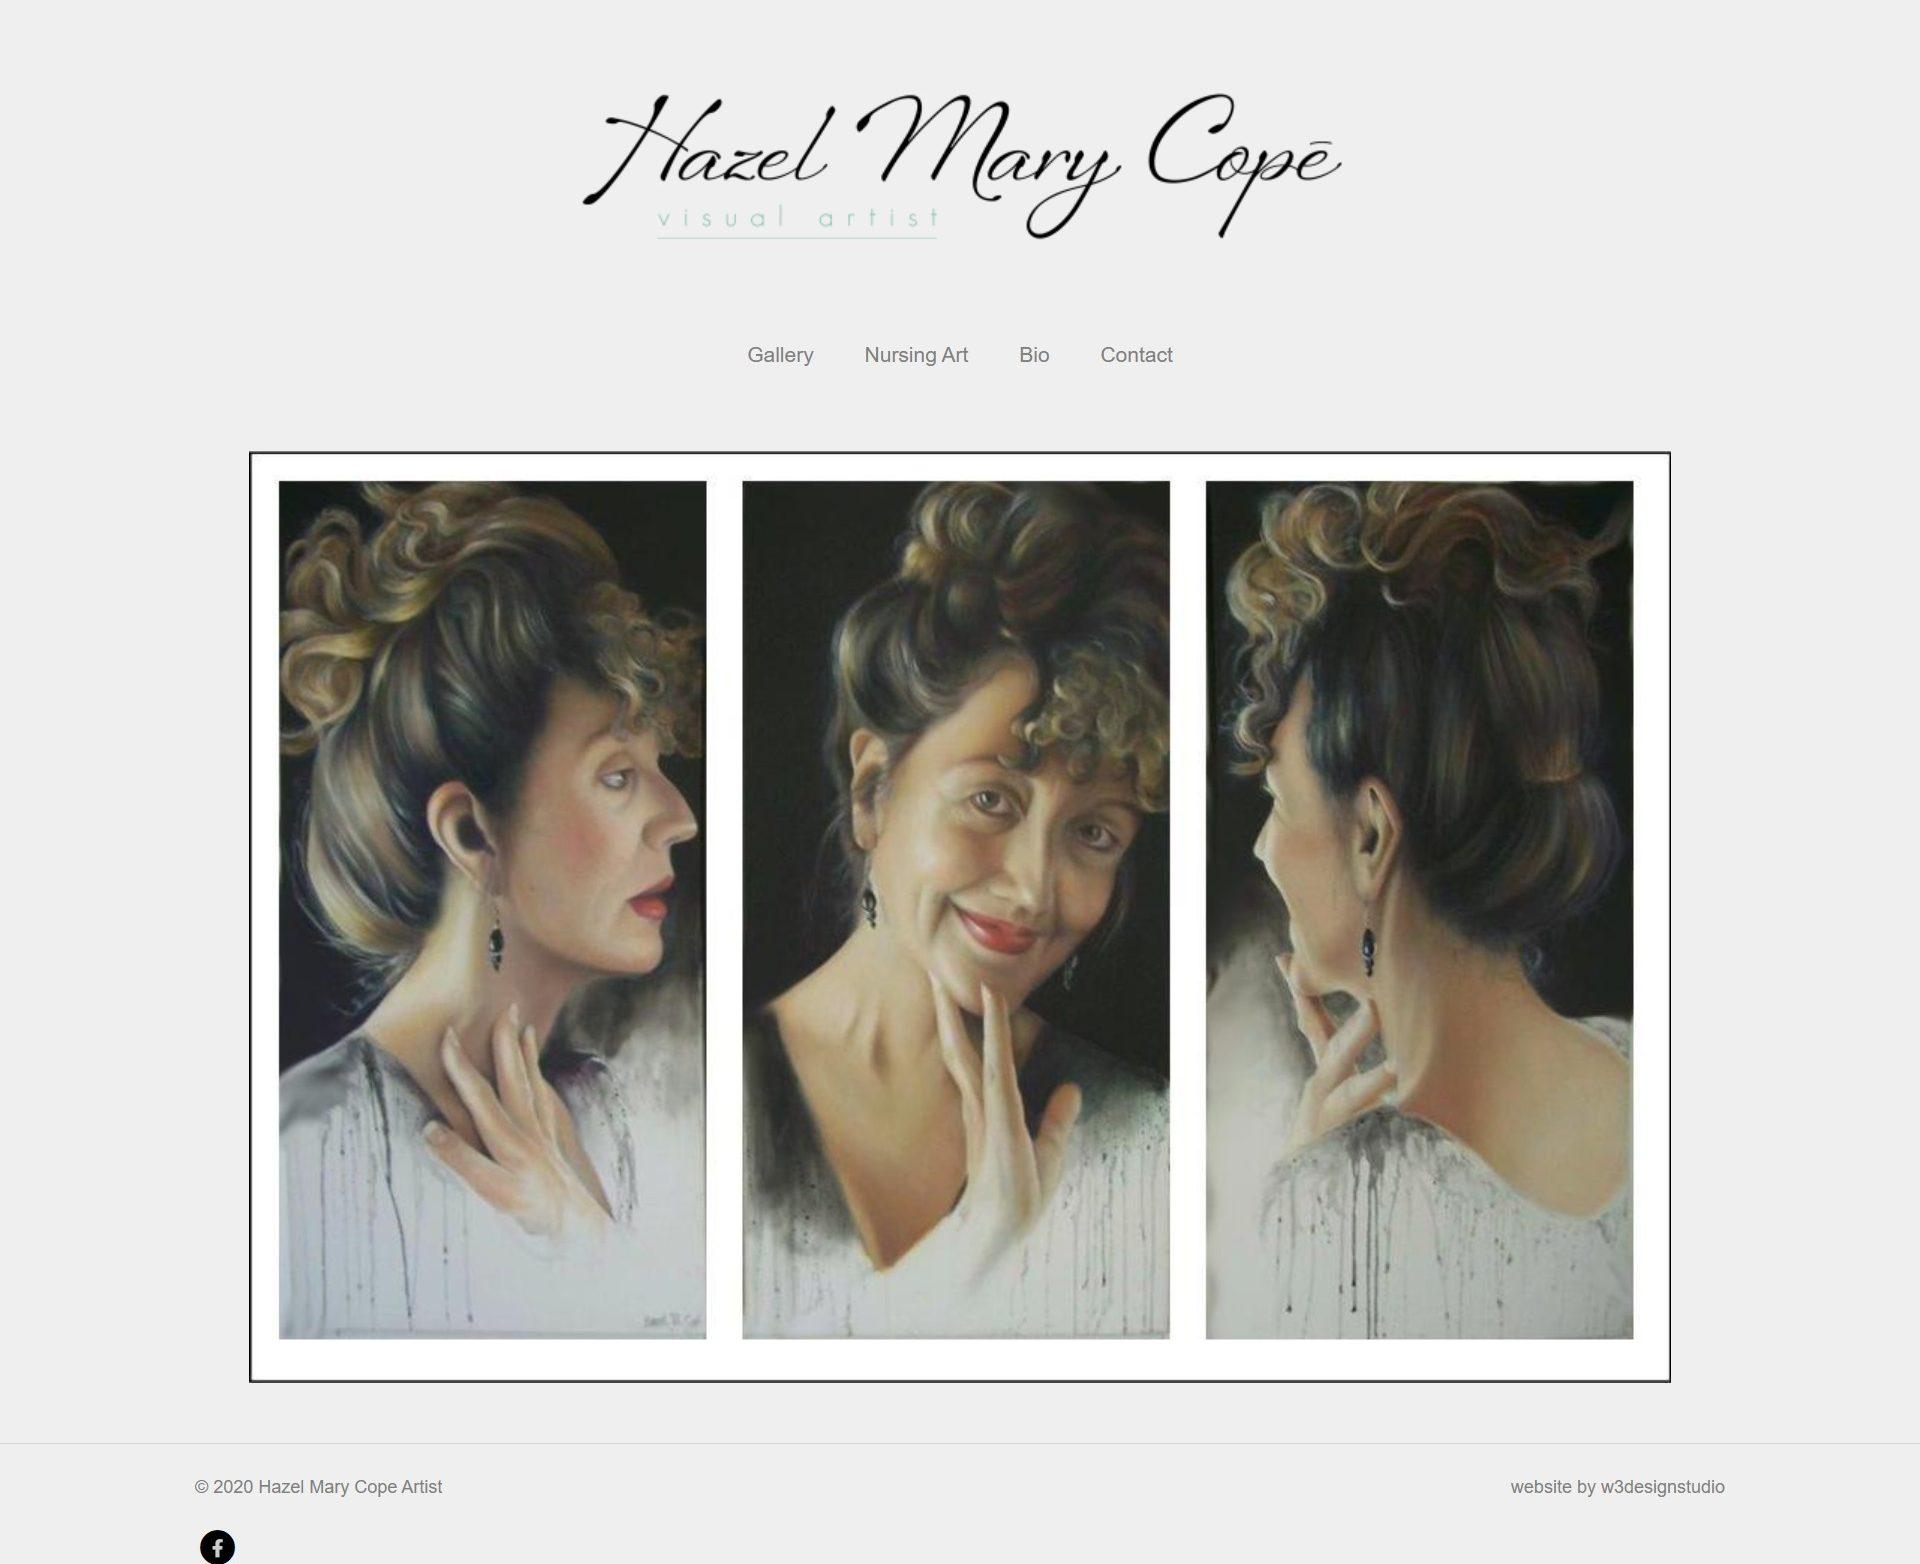 Hazel Mary Cope Self Portraits